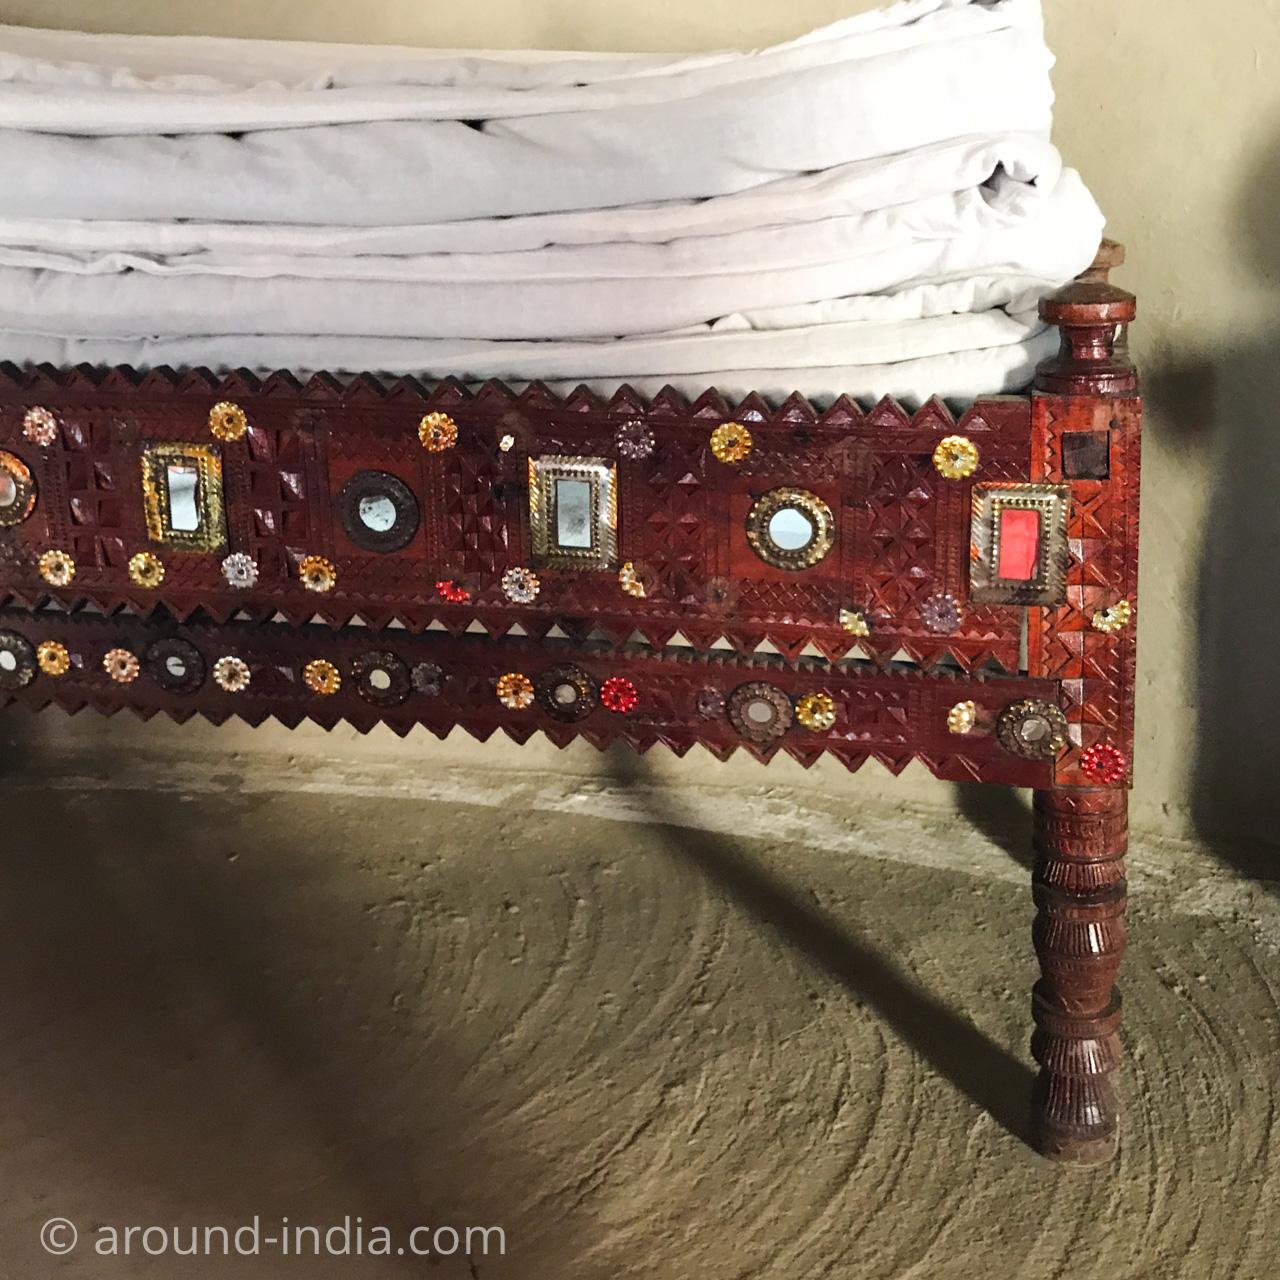 SHAAM-E-SARHADブンガのベンチ